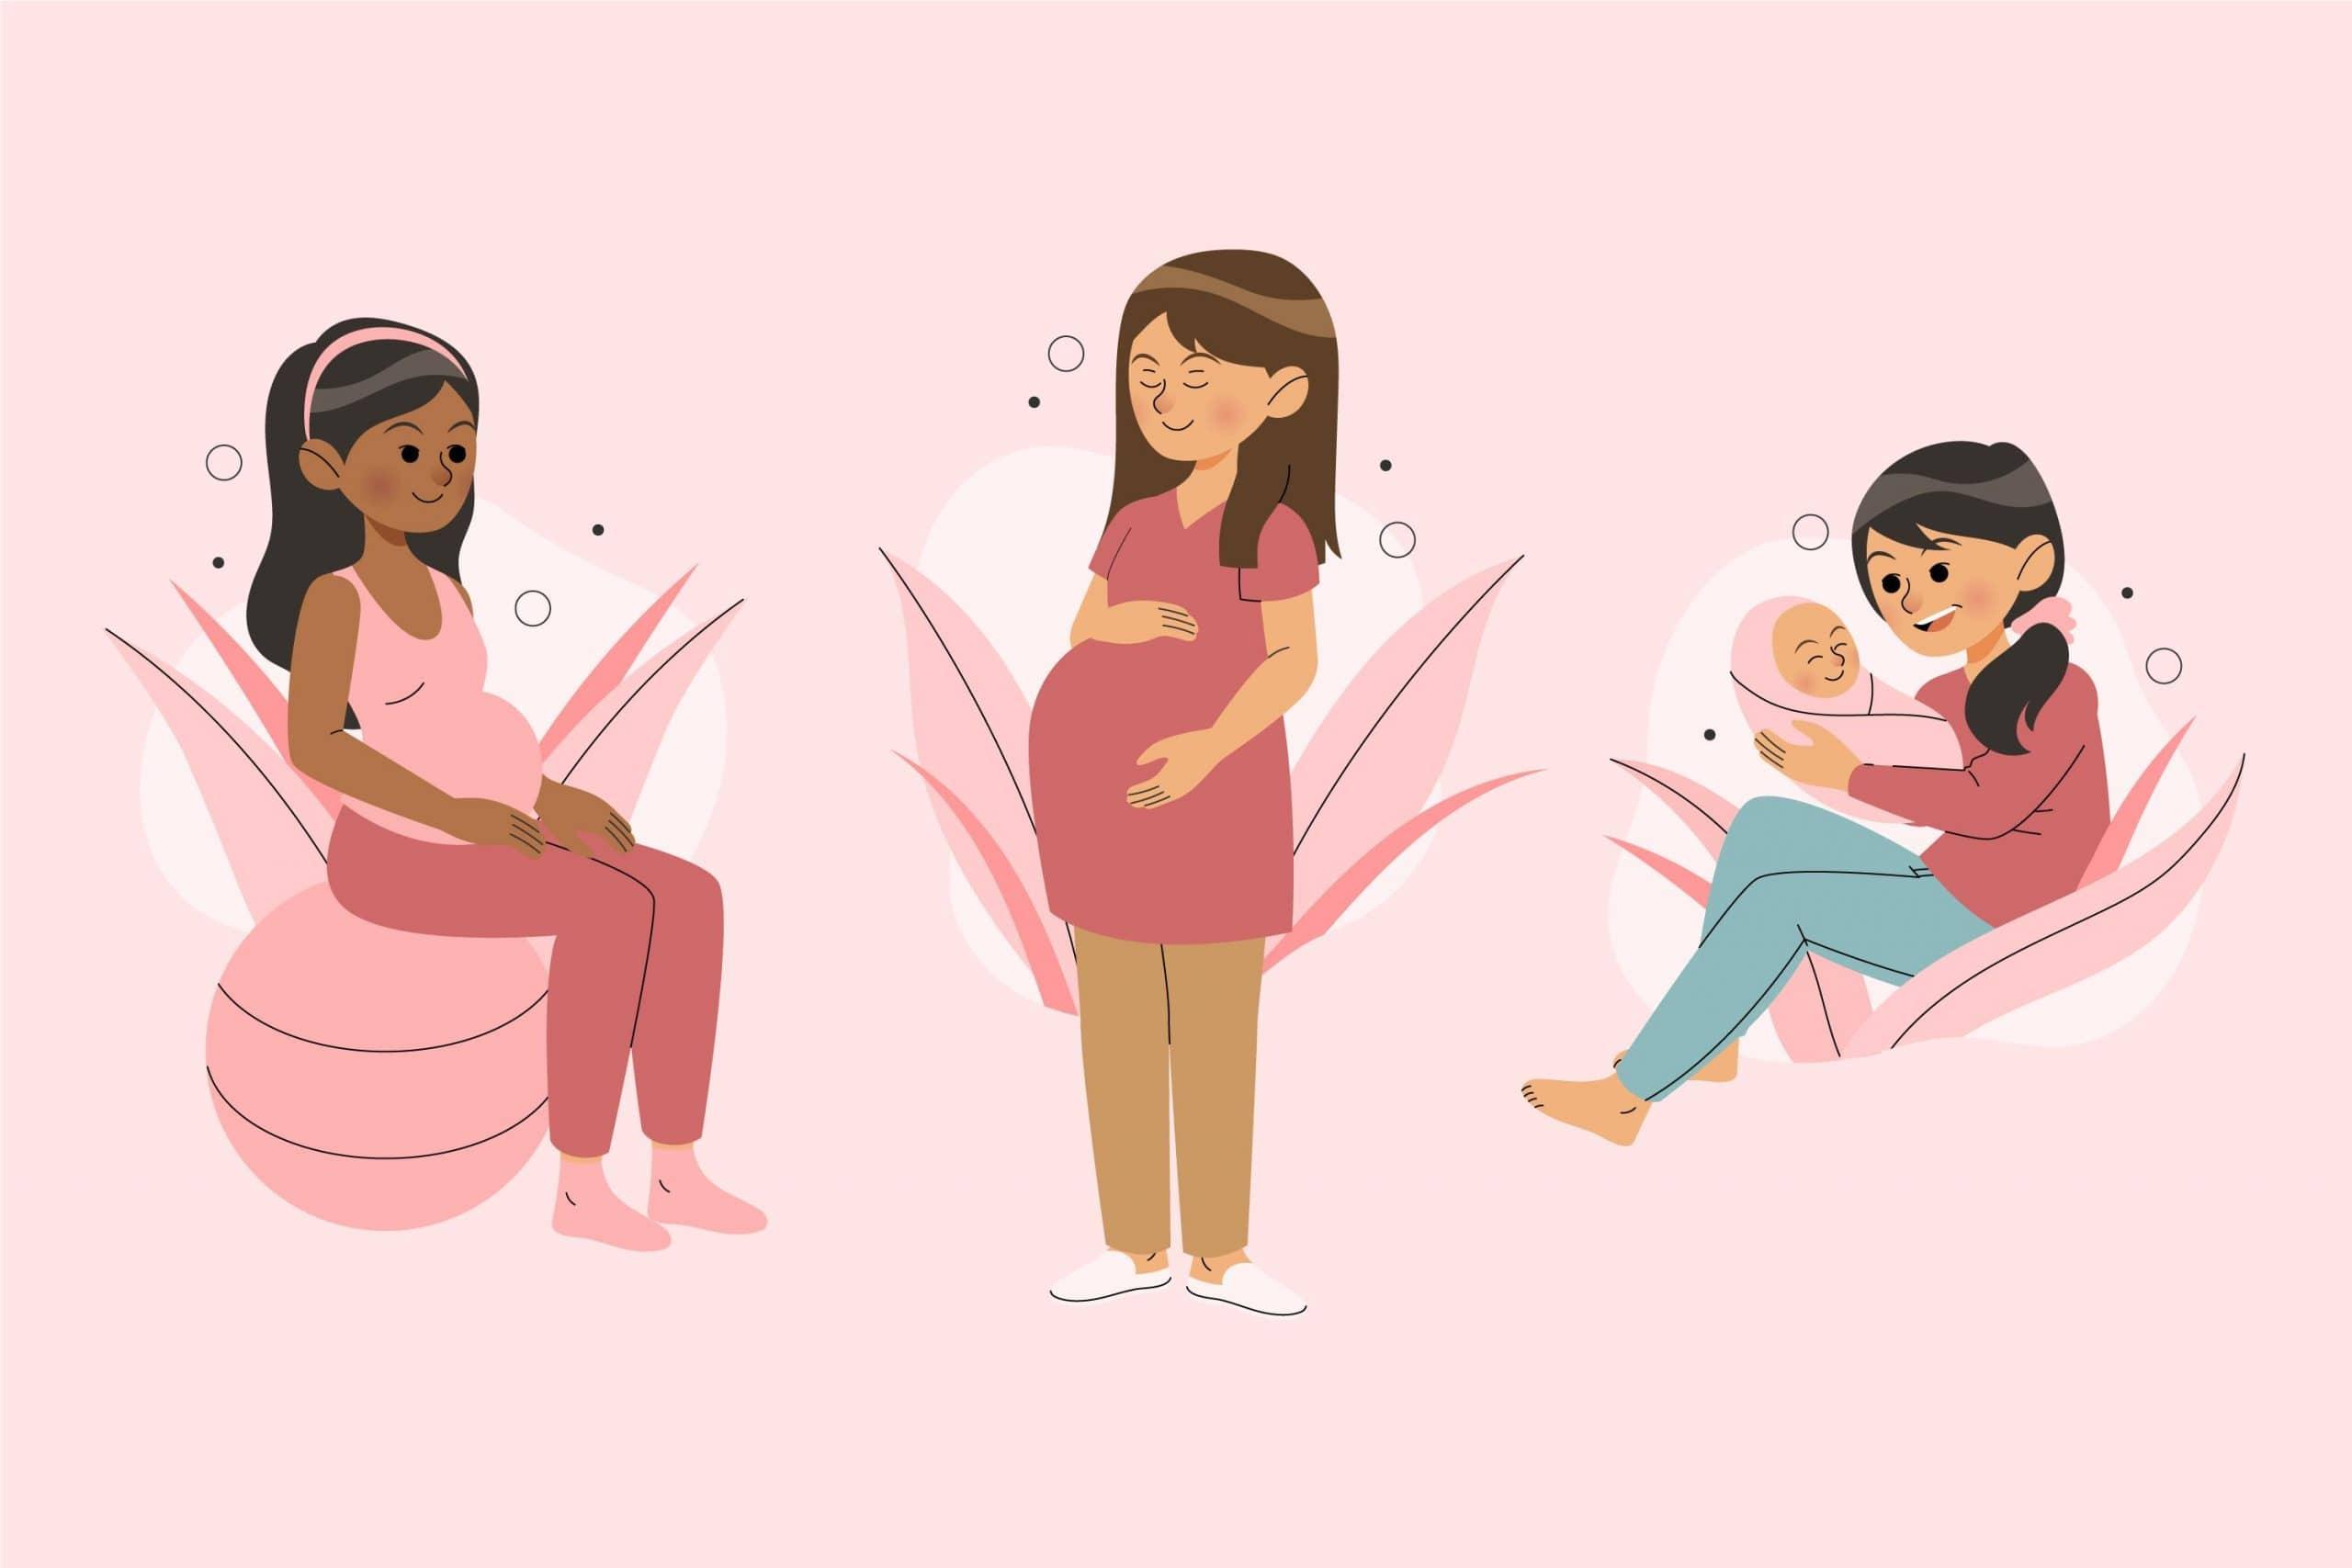 benefici chiropratica per donne incinte - illustrazion